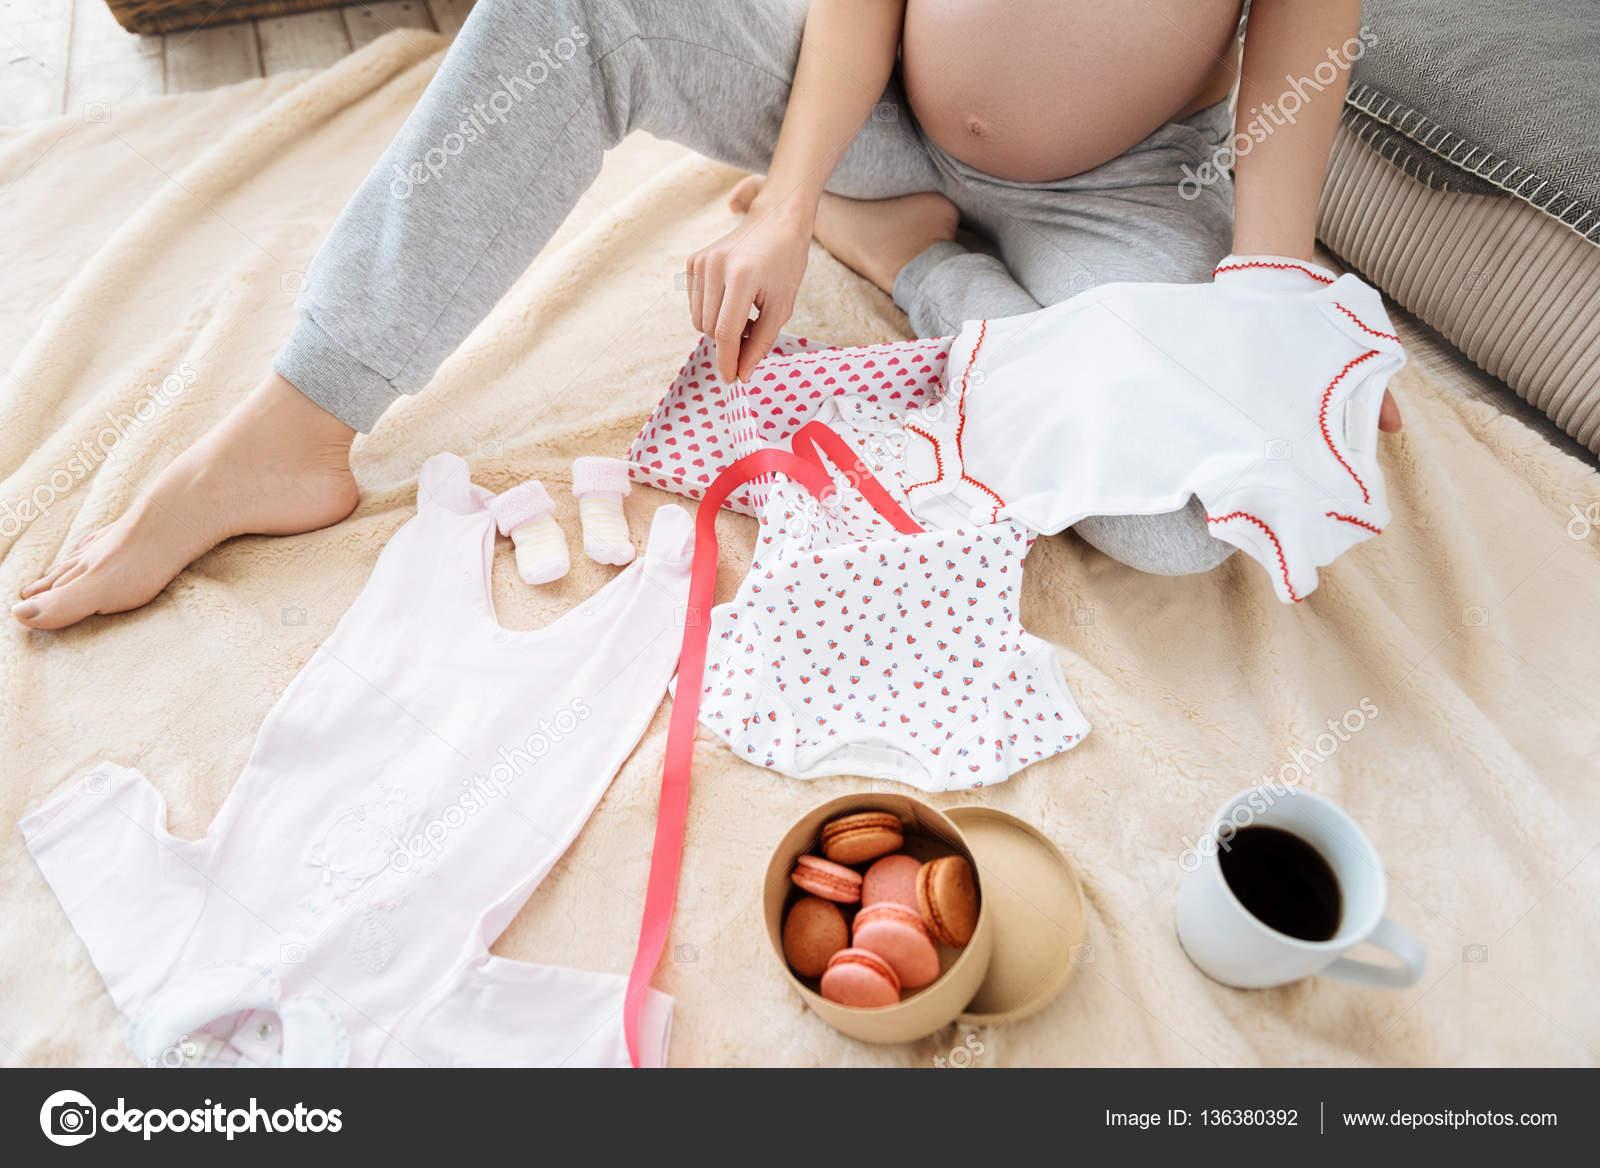 4d674459f Cerca de feliz joven embarazada posando con ropa de bebé Nueva Linda y  comida mientras reaxing y sentado en una sala acogedora — Foto de Dmyrto Z